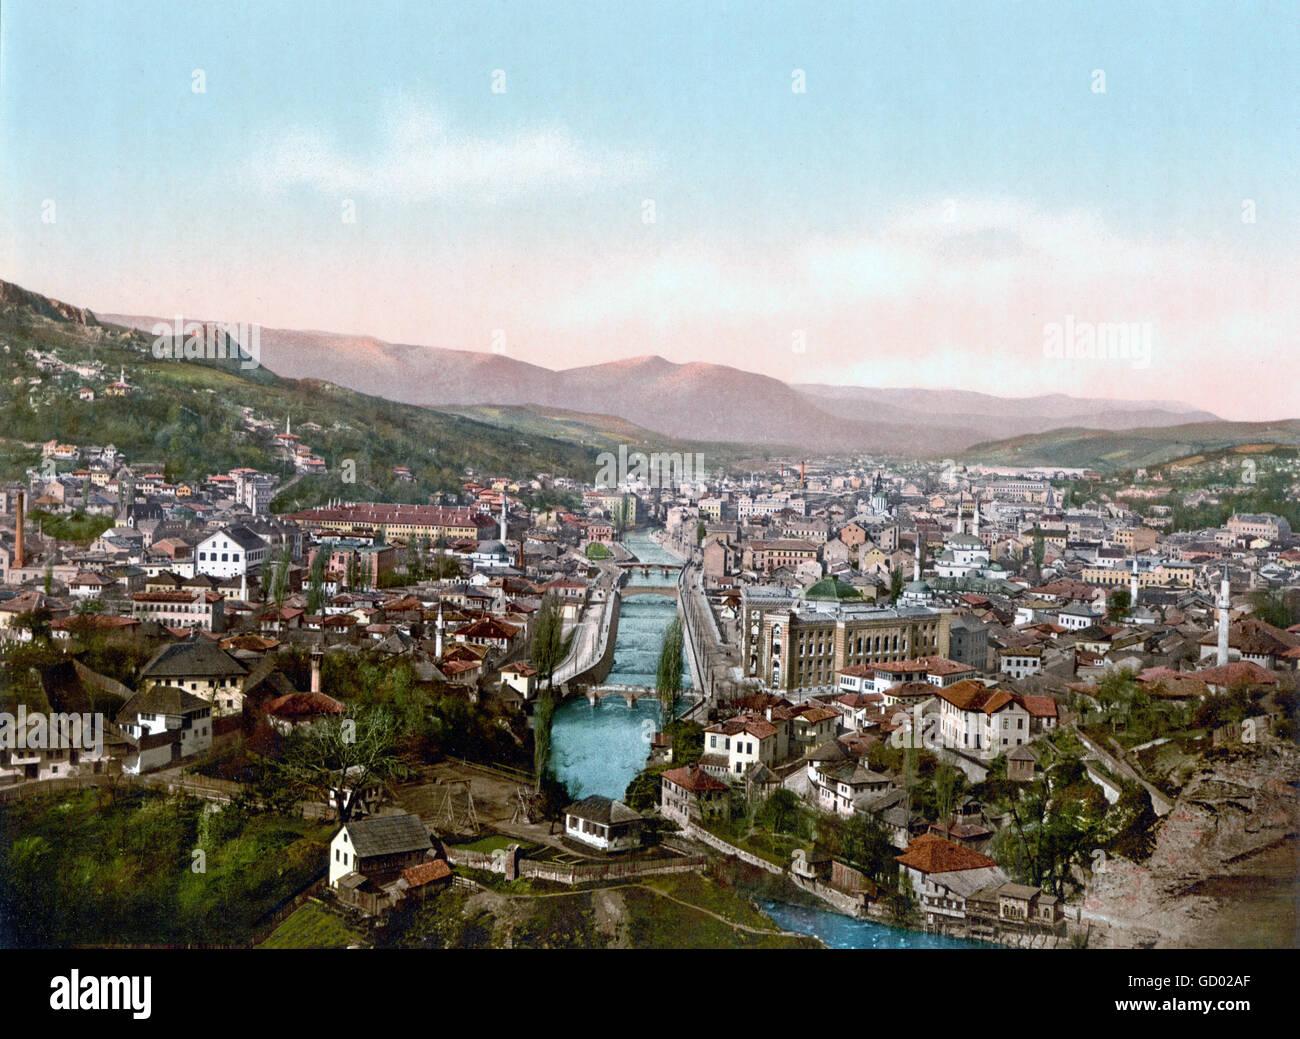 Vue sur le nord de Sarajevo à la fin du 19ème siècle, c.1890-1900 impression photochrome. Photo Stock